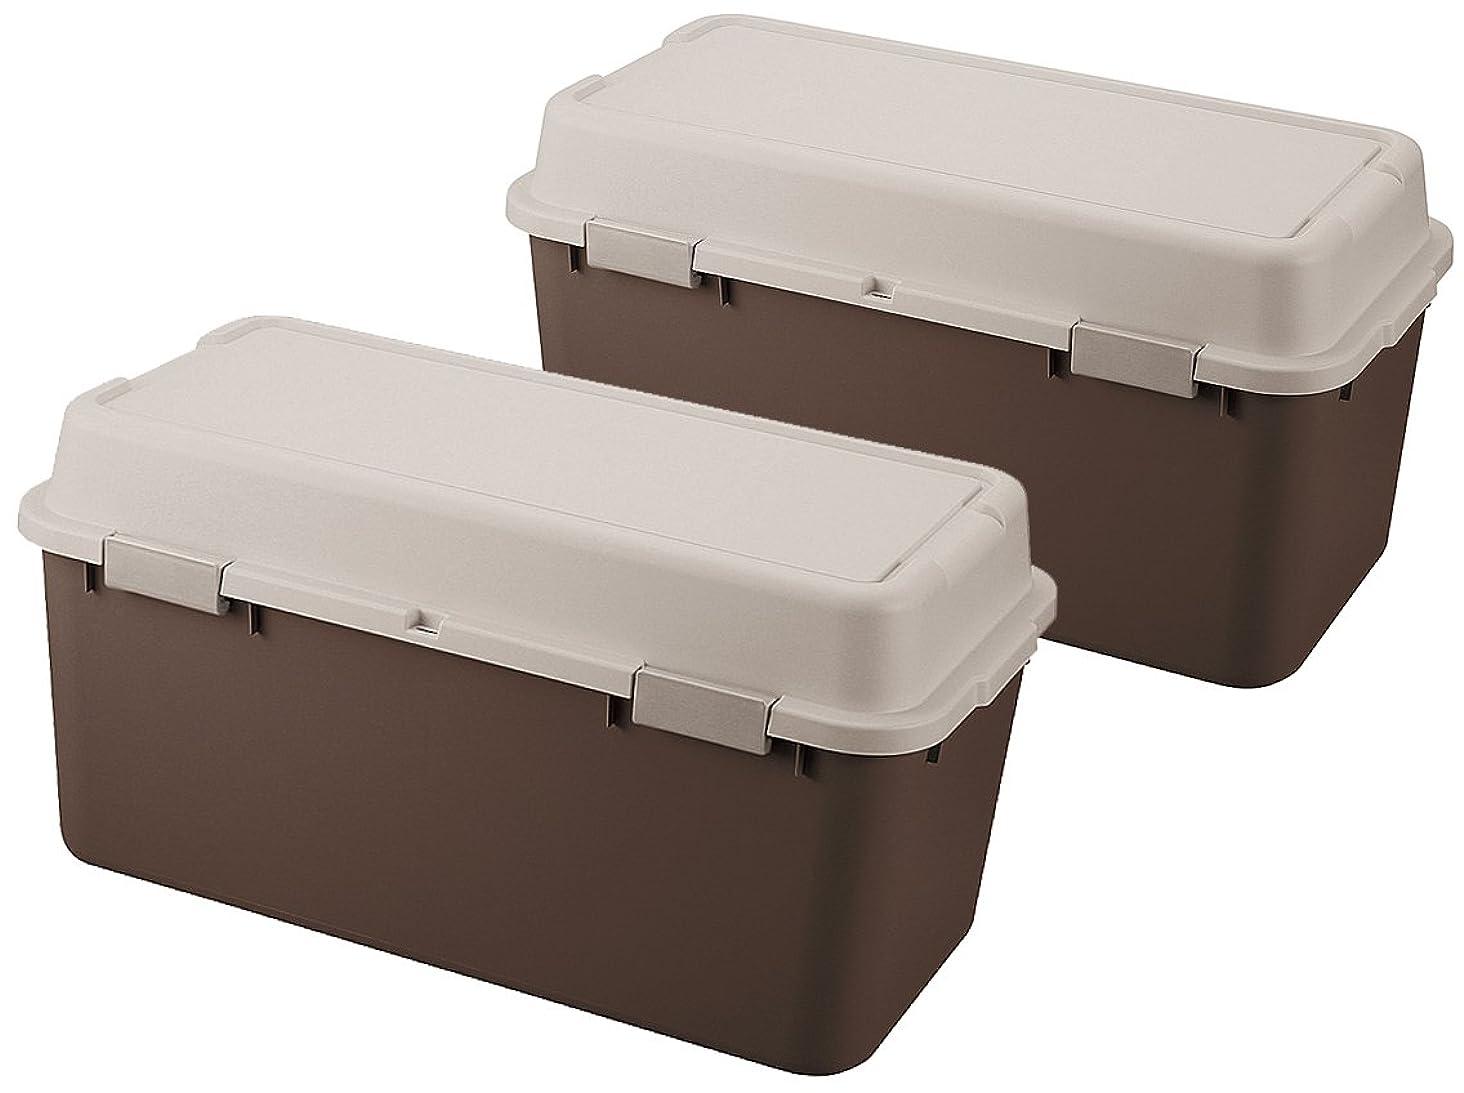 薄暗い品ピケJEJ ルームパック 2個組 880 収納庫 ストッカー ブラウン 880 (BR) 9504627